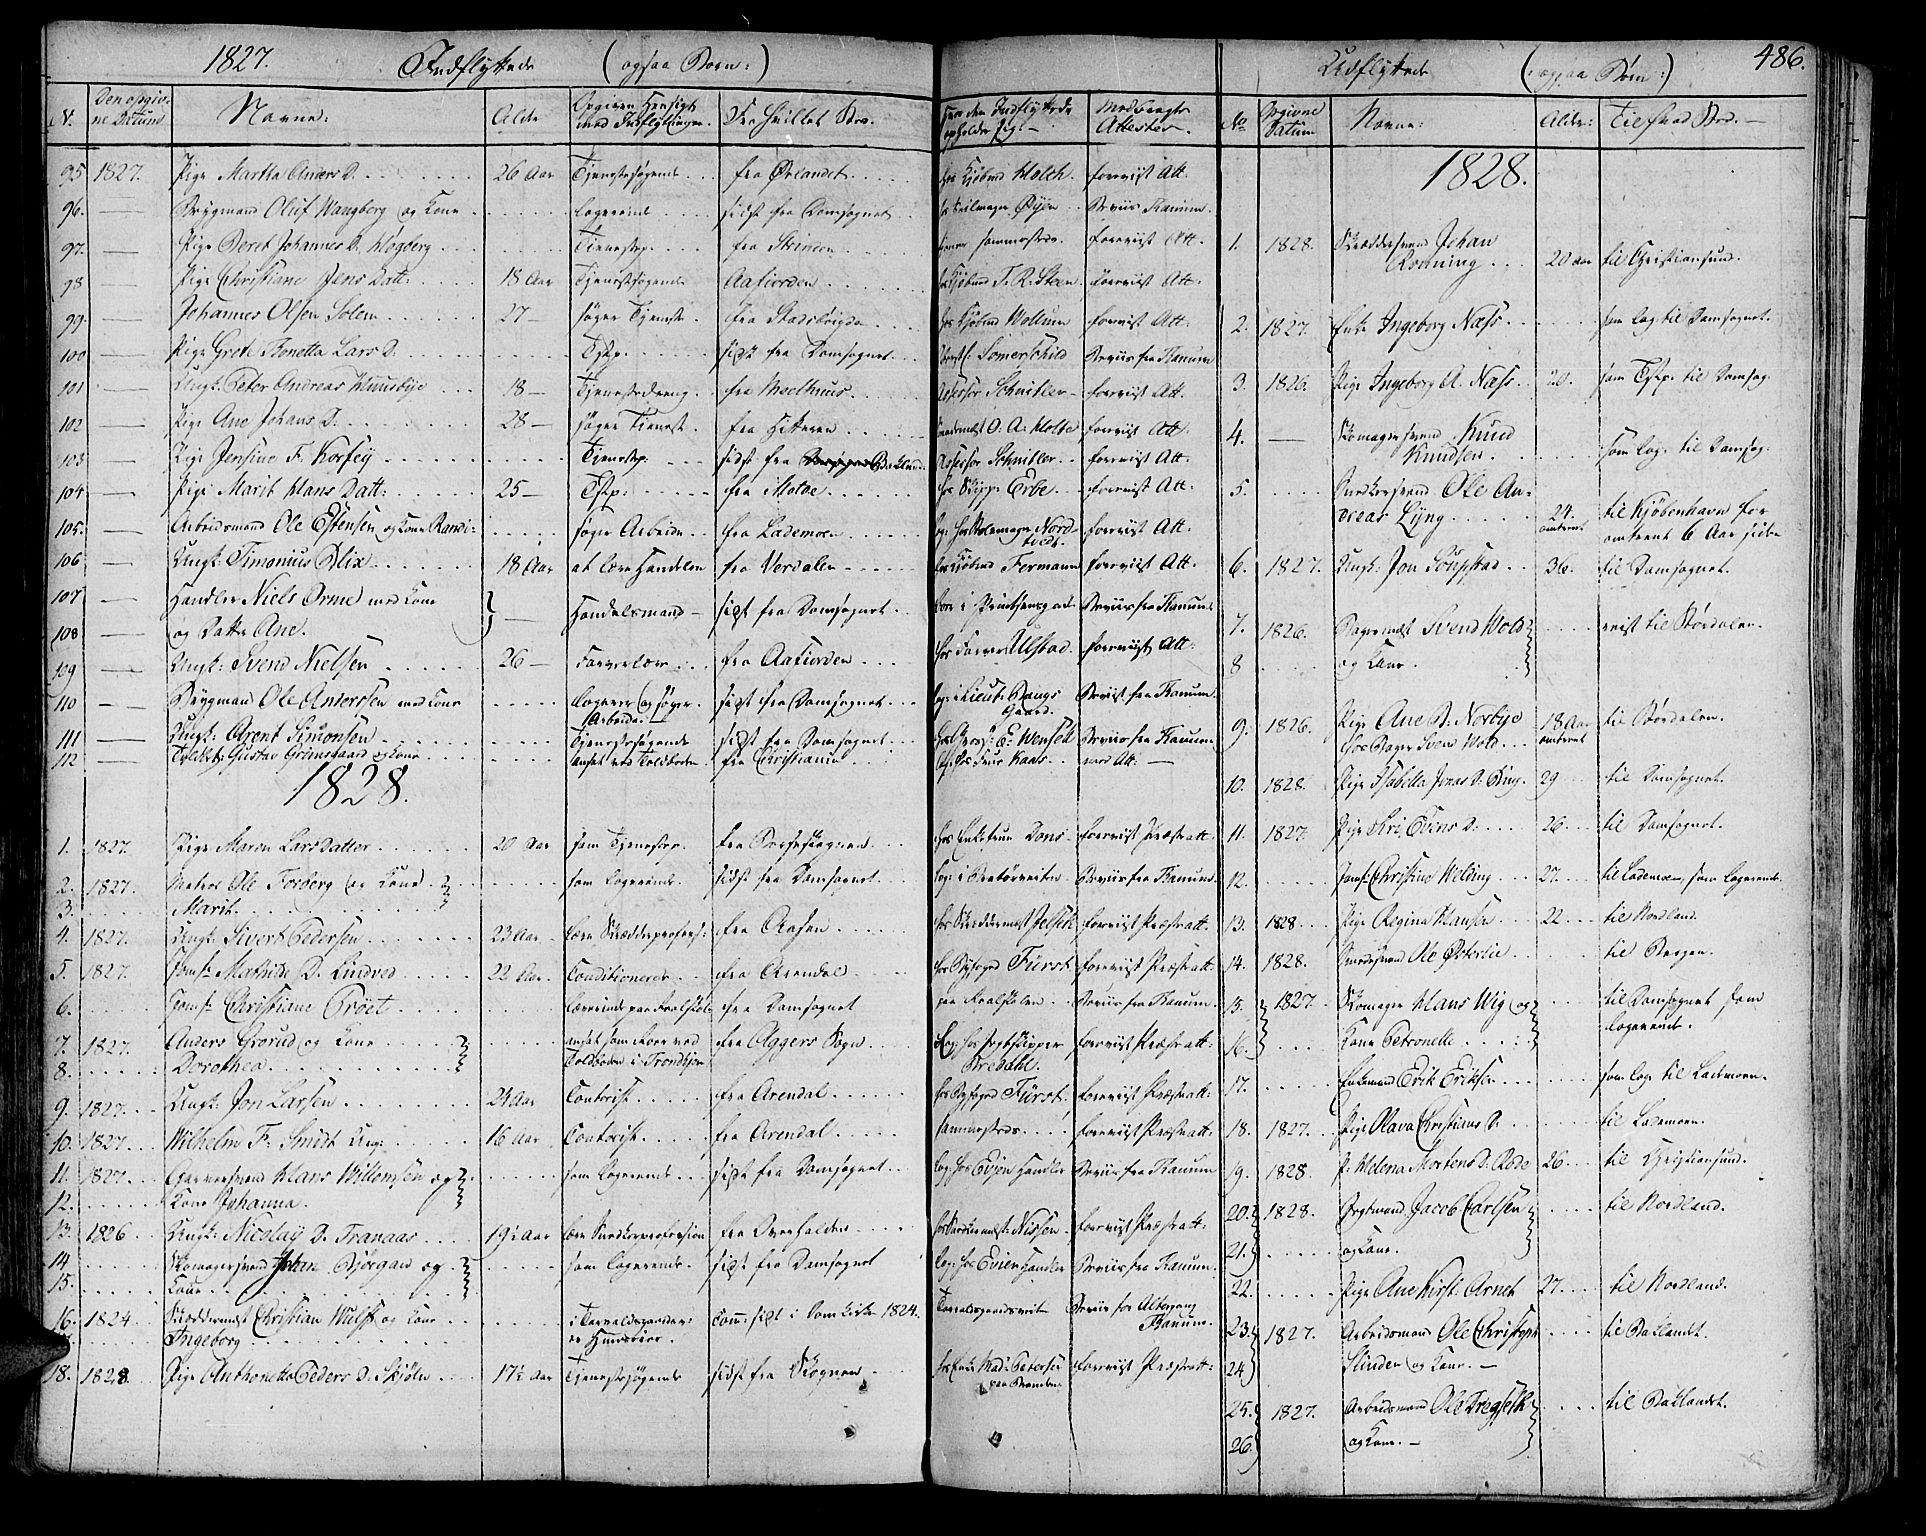 SAT, Ministerialprotokoller, klokkerbøker og fødselsregistre - Sør-Trøndelag, 602/L0109: Ministerialbok nr. 602A07, 1821-1840, s. 486